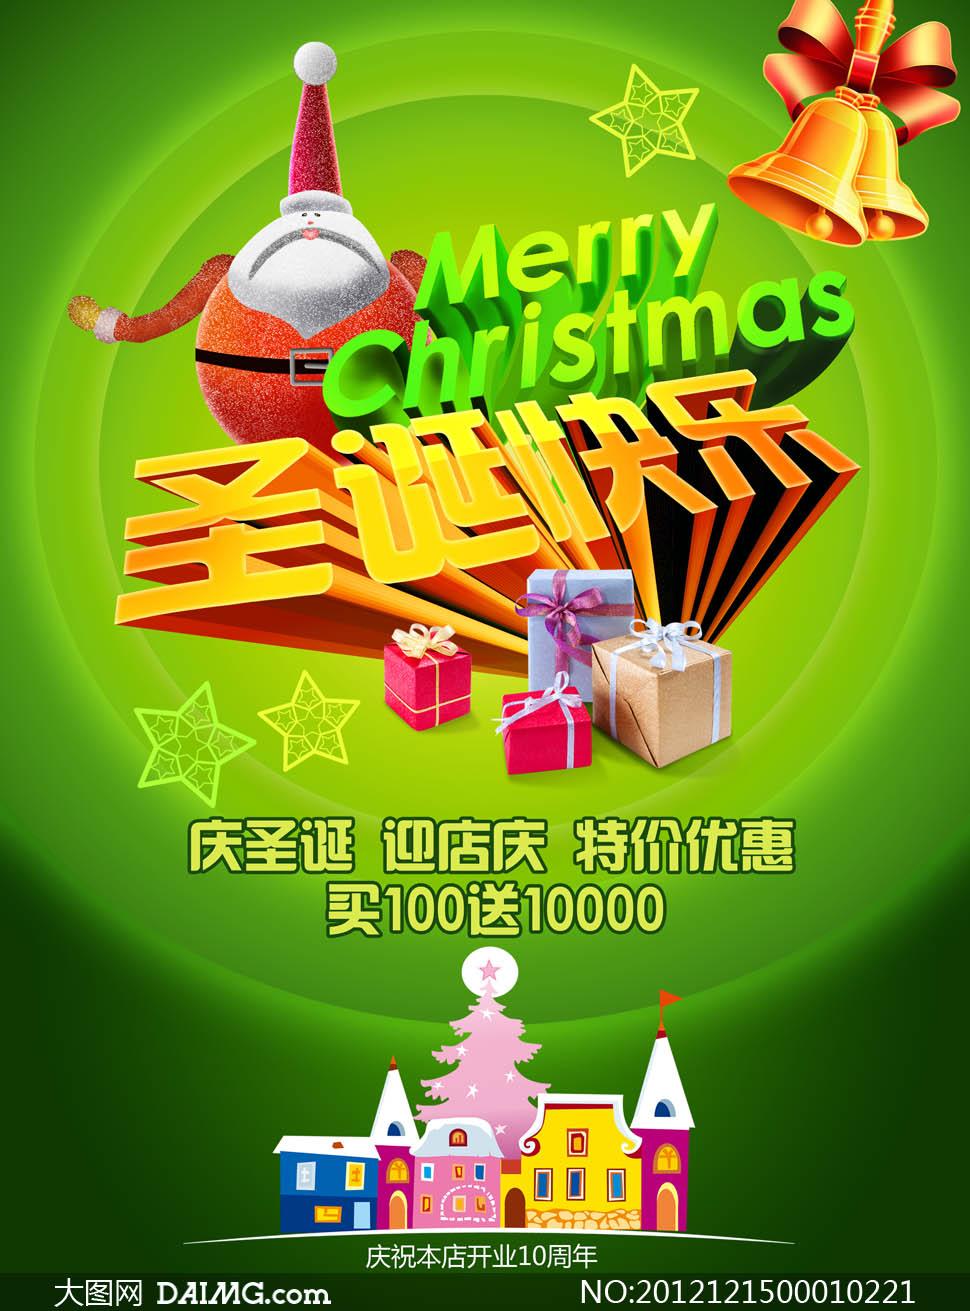 镇江城市海报设计